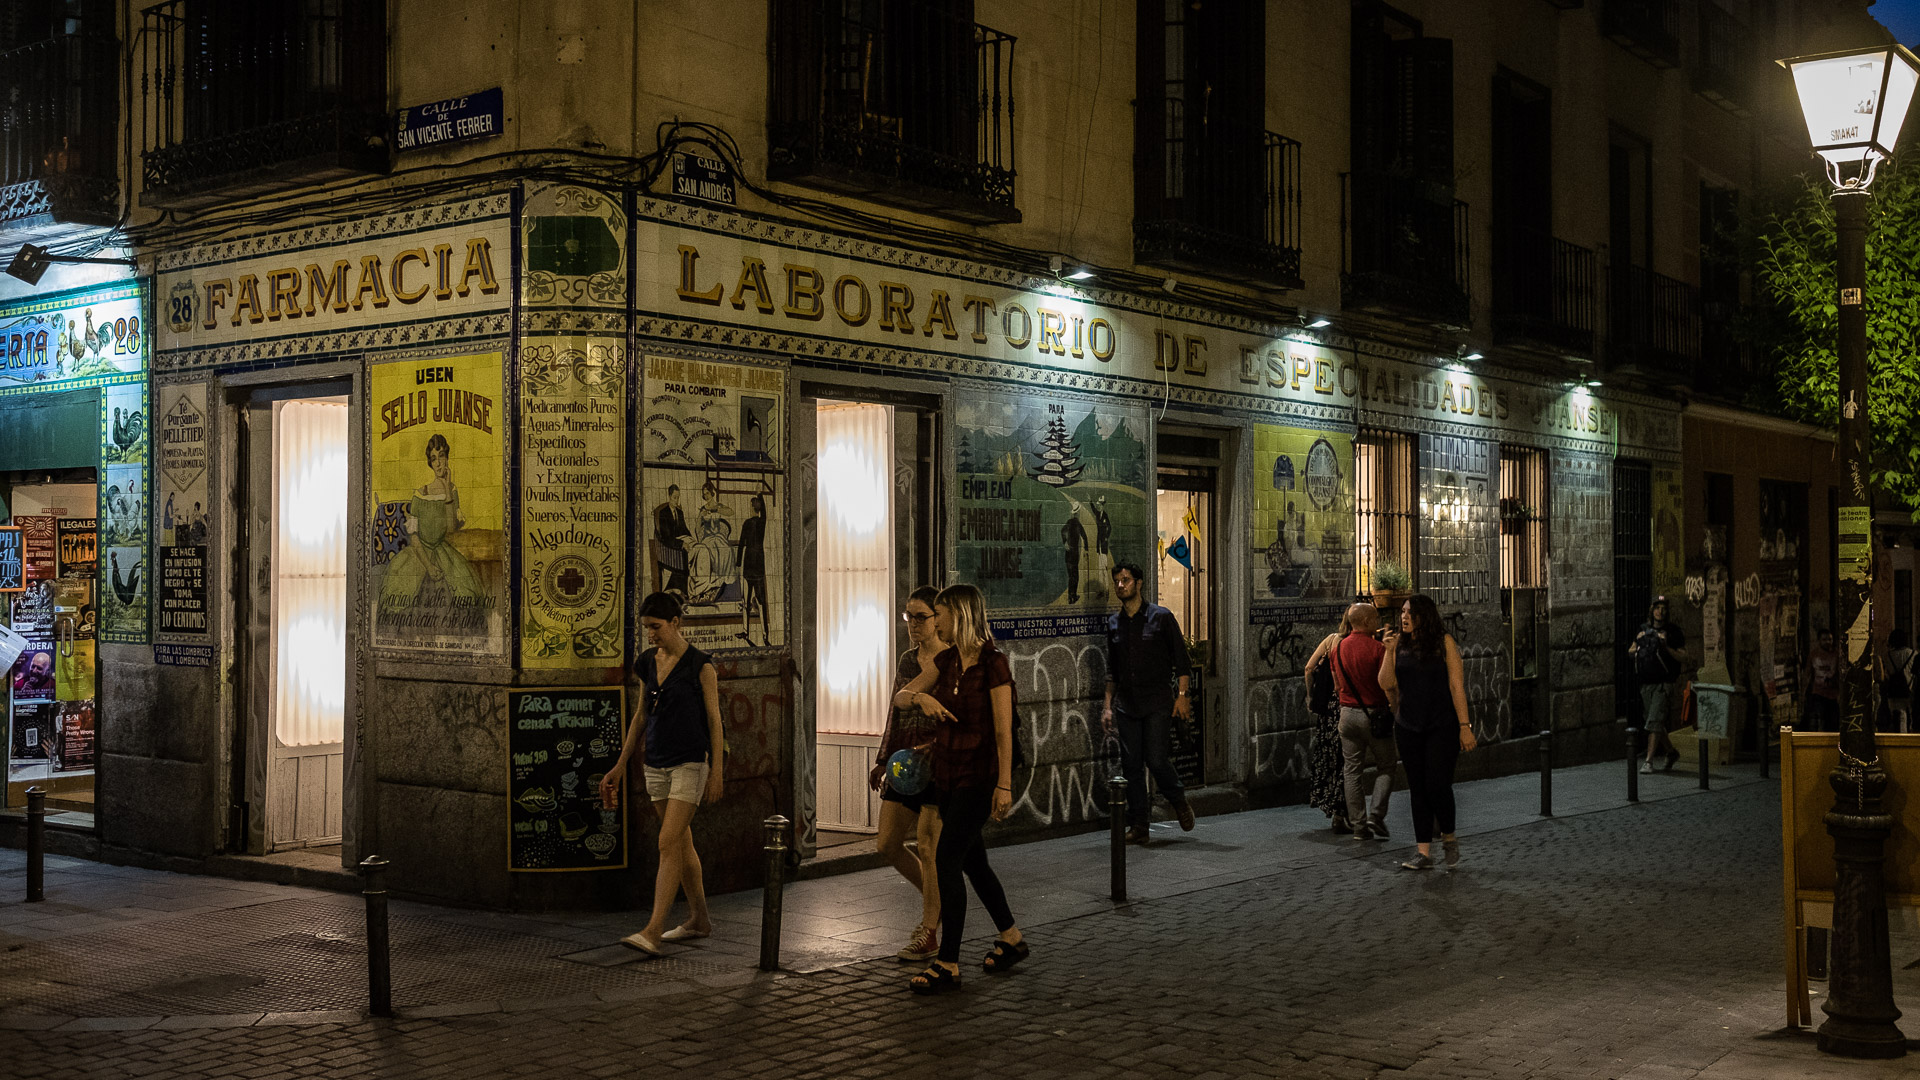 160626-Spain-Madrid-296-1080.jpg